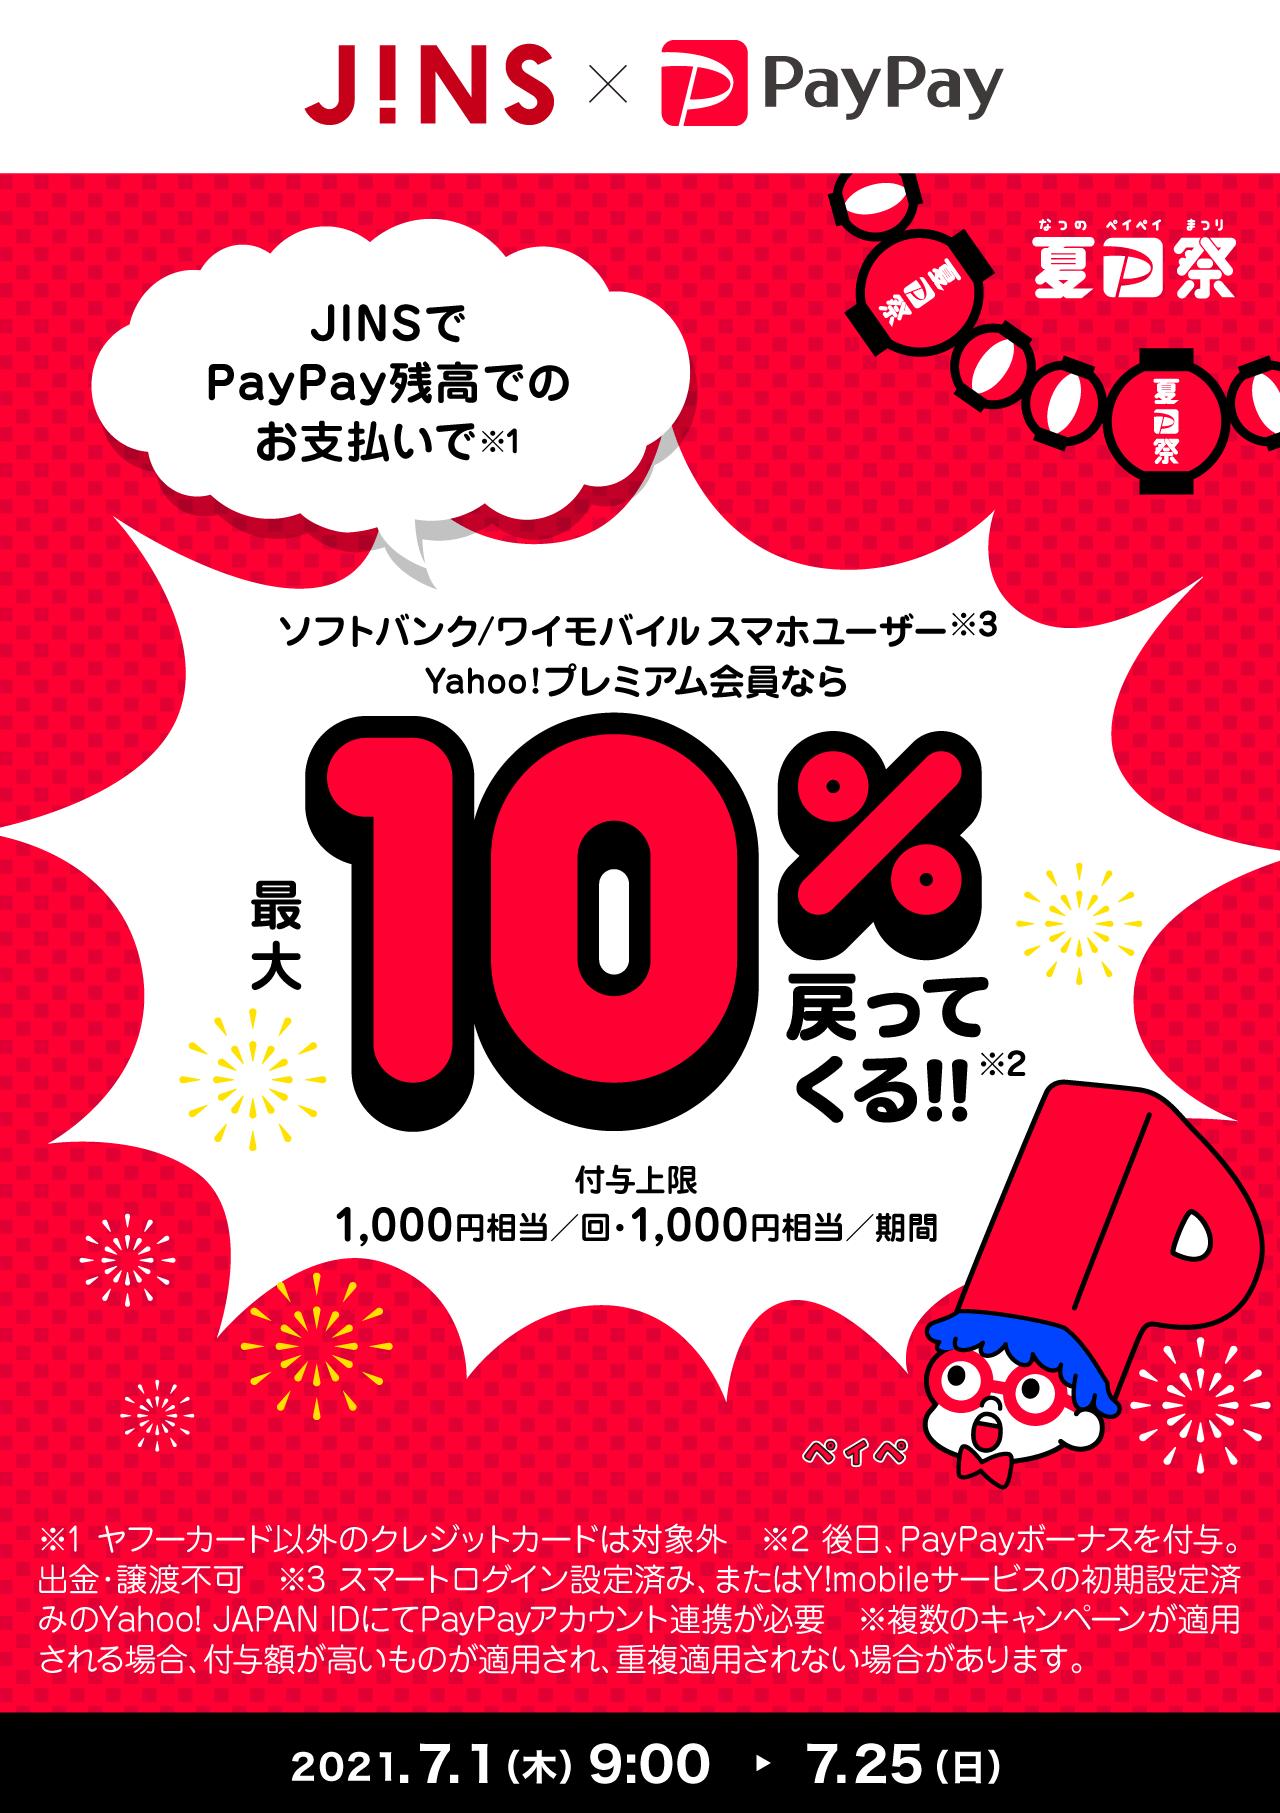 JINSでPayPay残高でのお支払いで最大10%戻ってくる!!